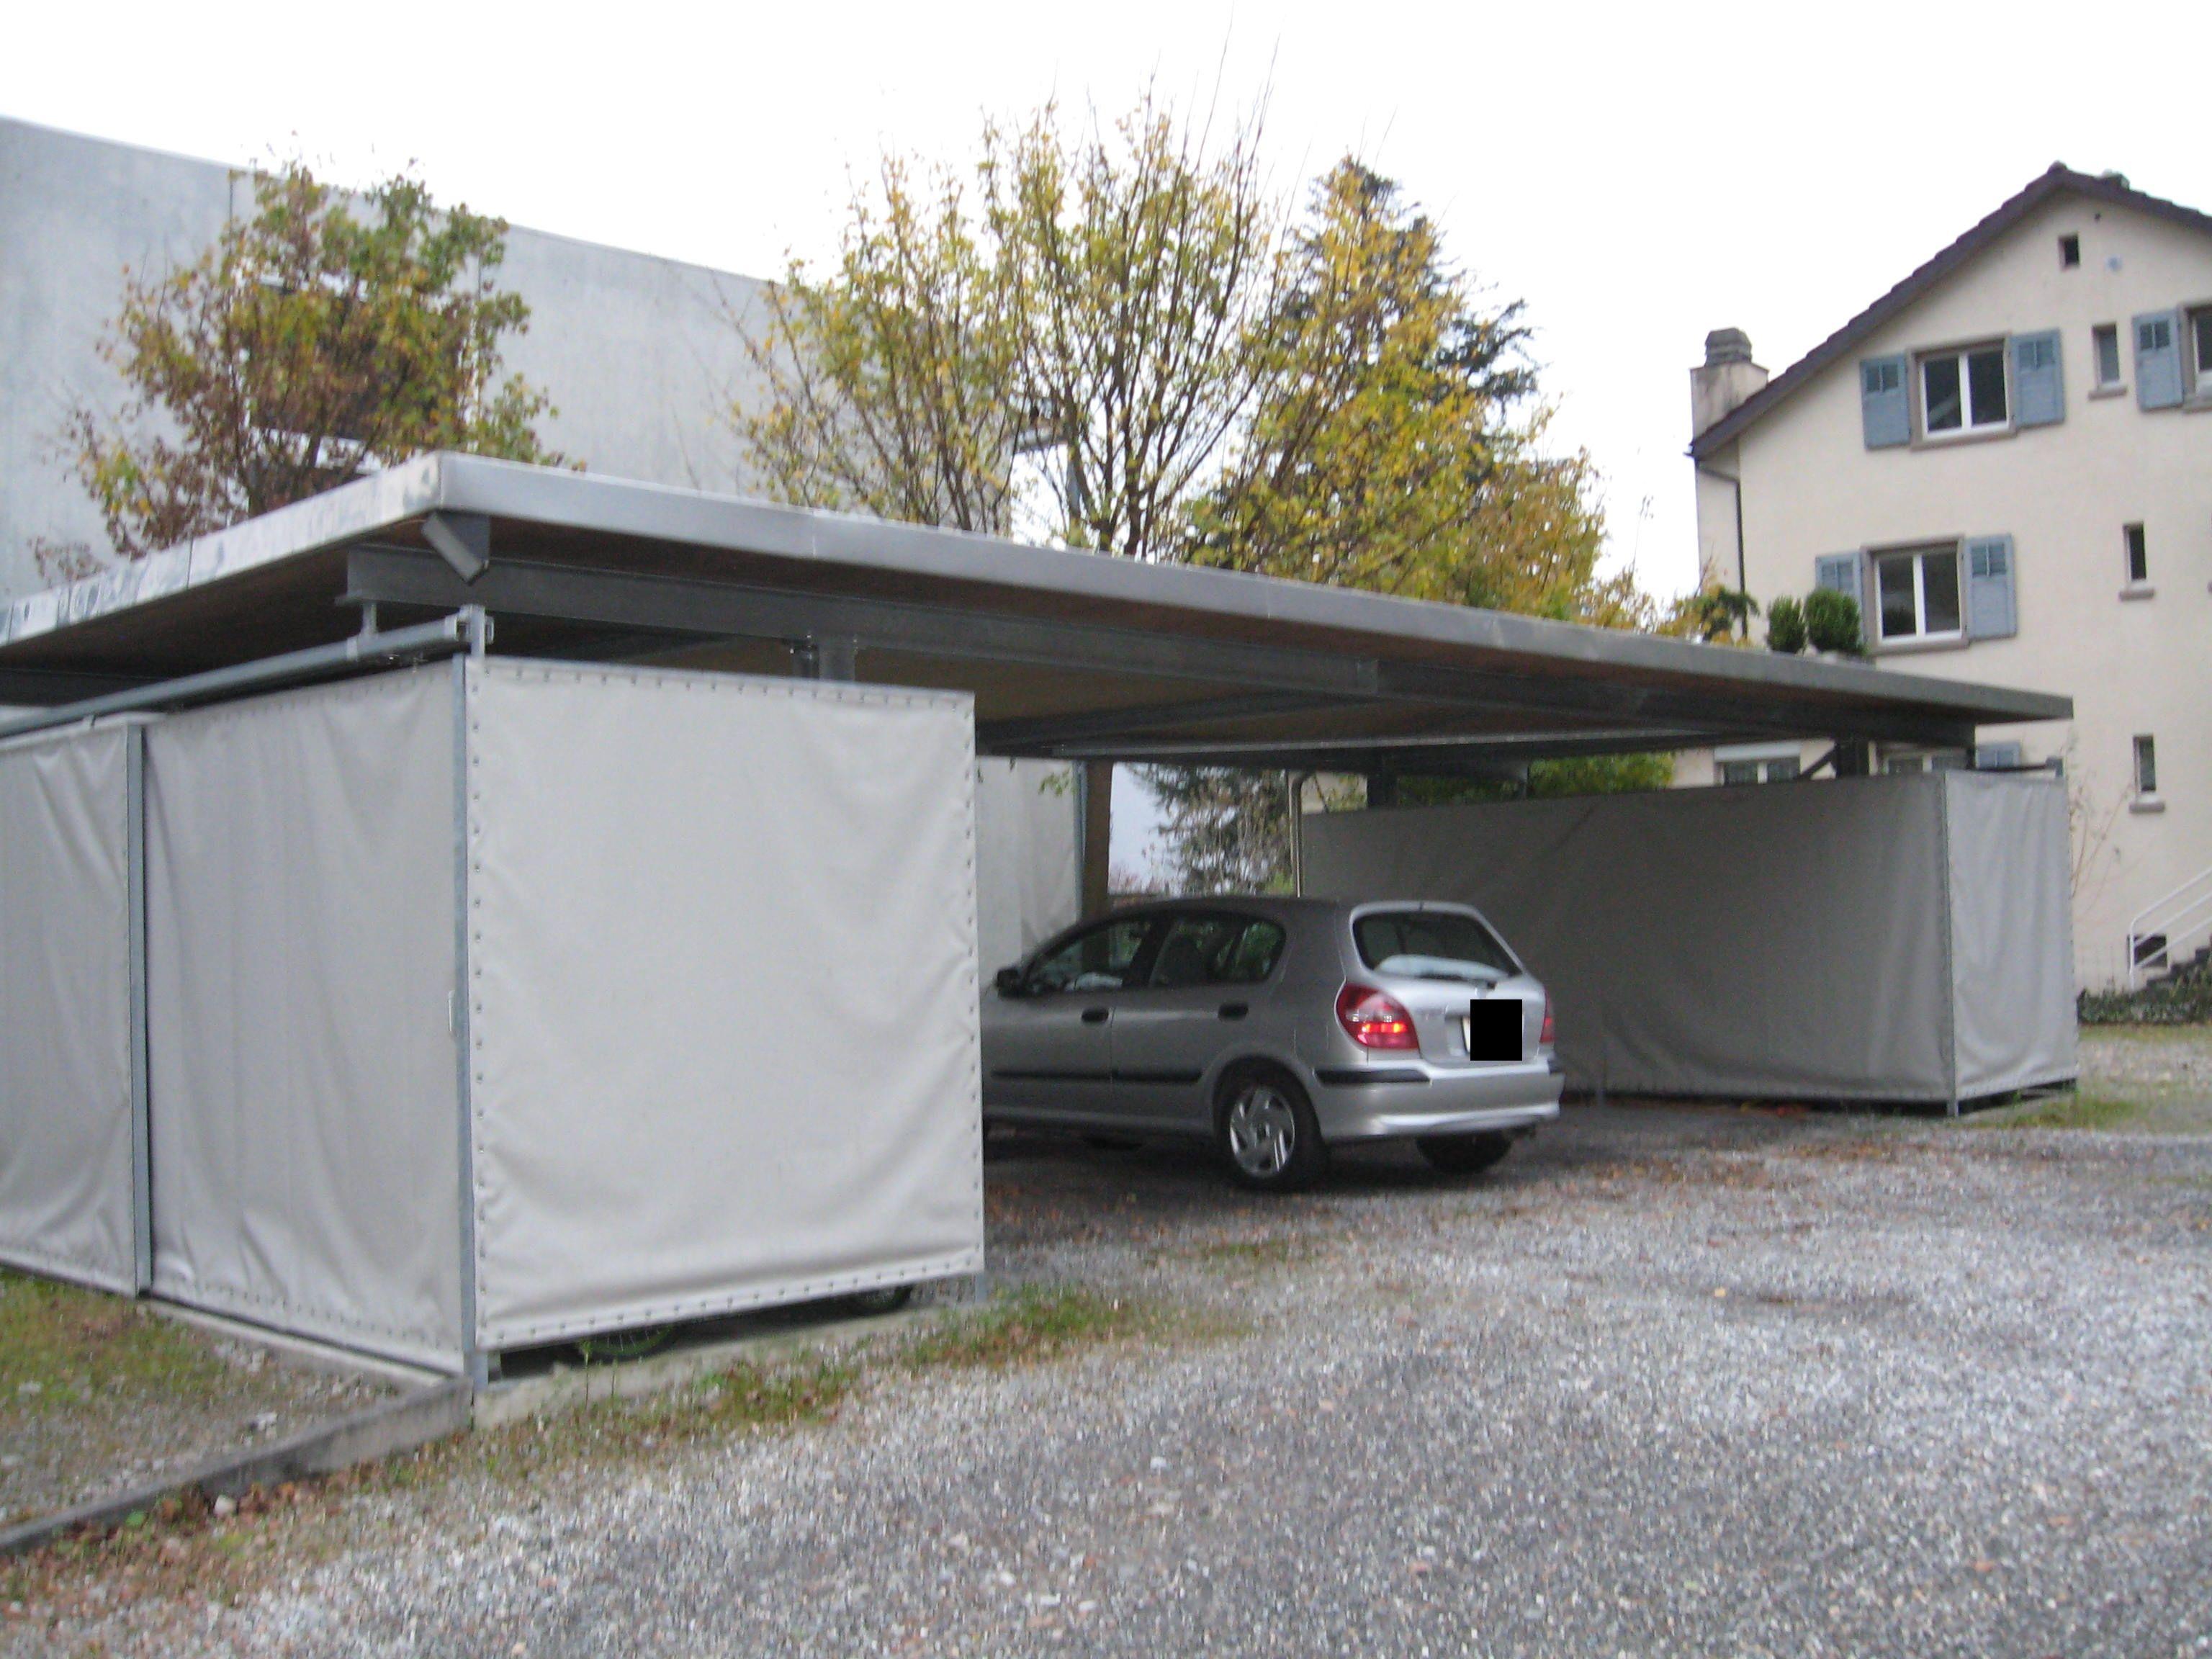 Flachdach-Carport aus Stahl mit 2 Geräteschuppen für 3 Autos ...